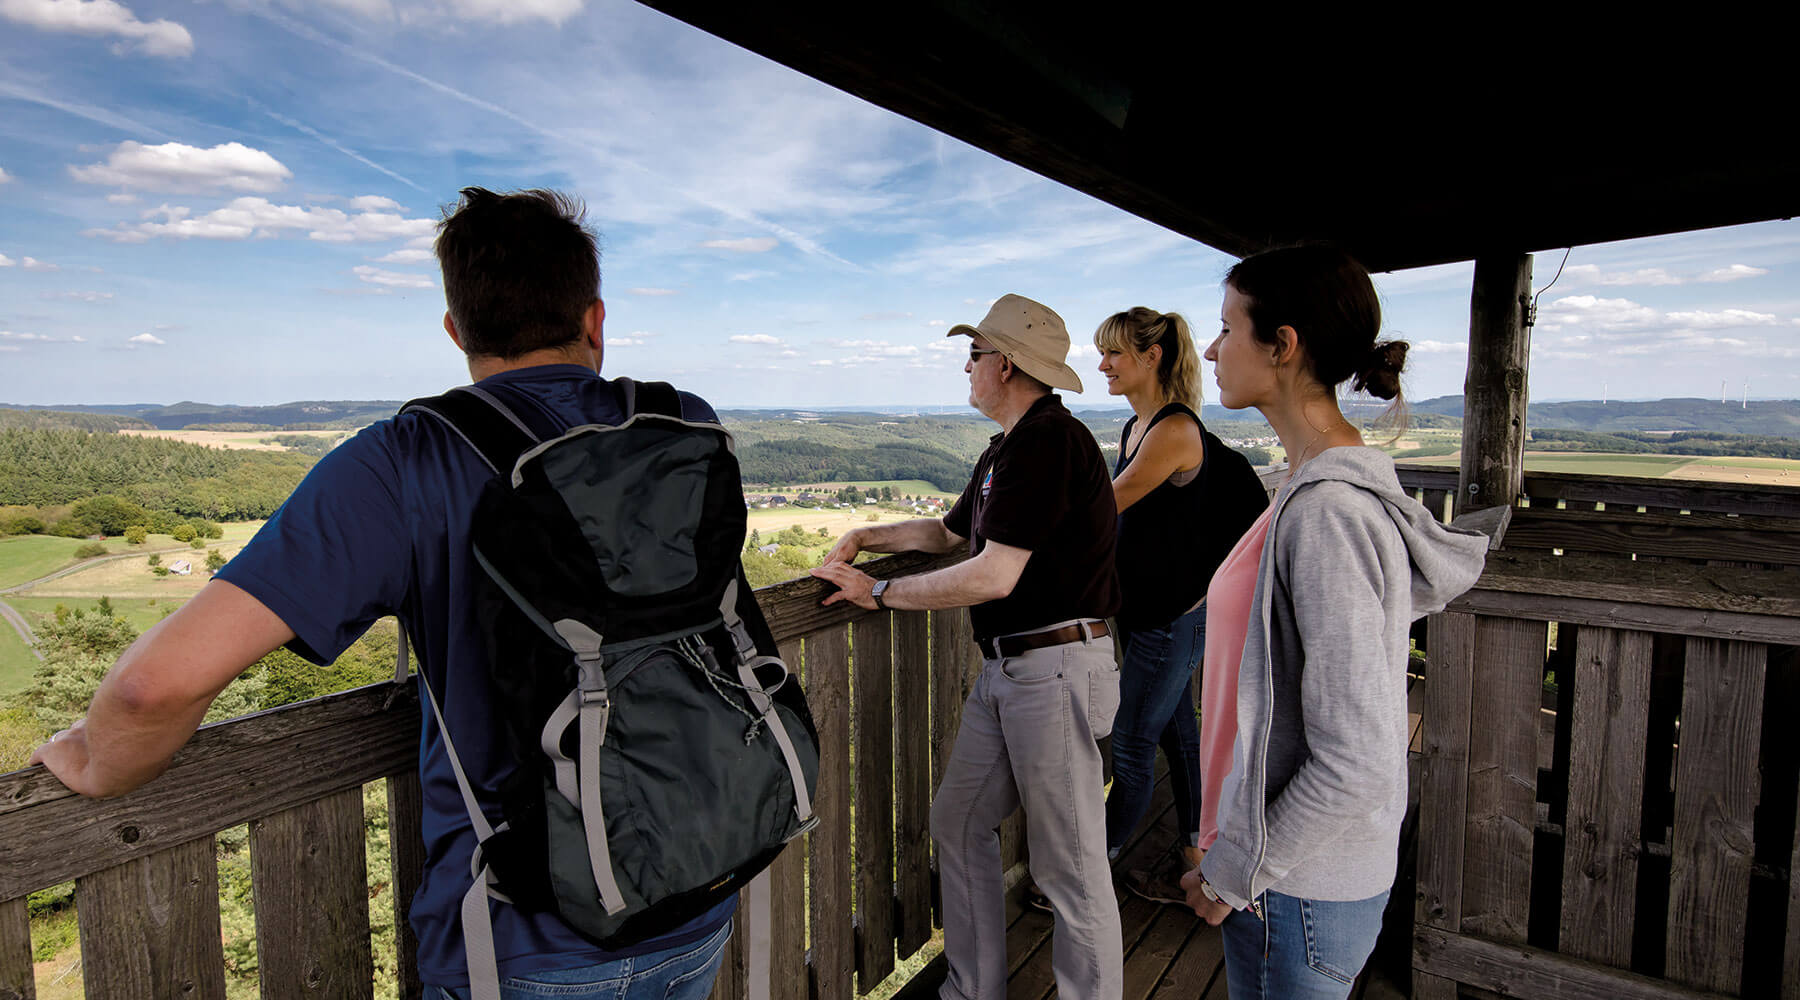 Vulkanpark Booser Doppelmaar Vier Personen blicken vom Booser Eifelturm über die Osteifel